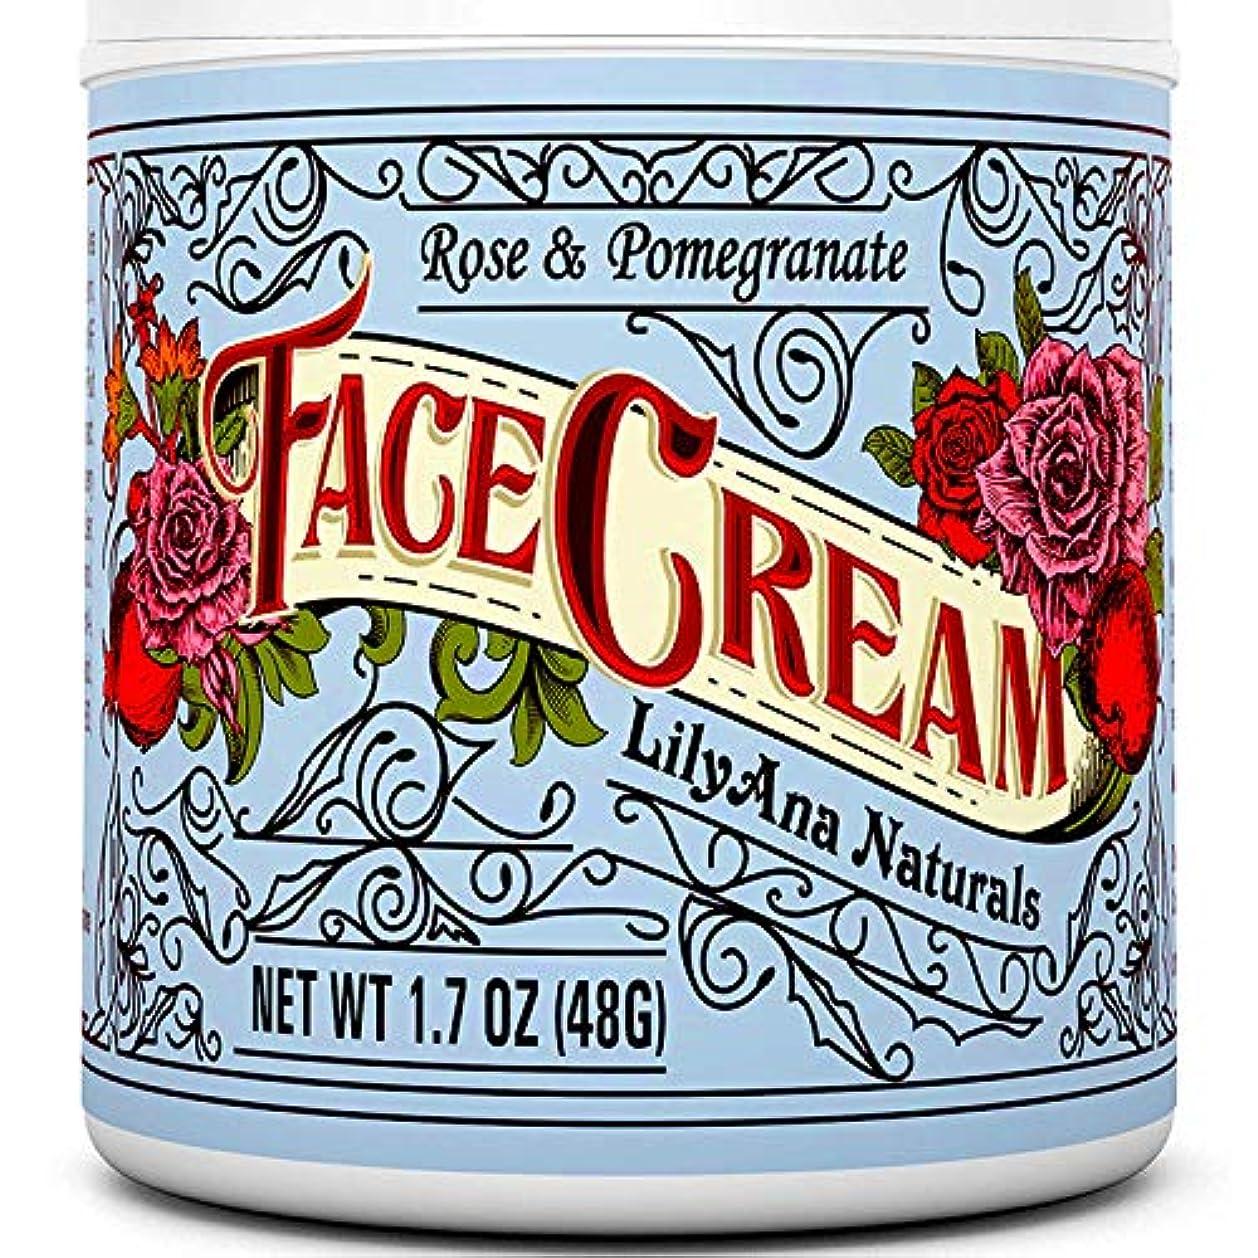 中首尾一貫した政治家のLilyAna Naturals 社 (リリーアナ?ナチュラルズ) モイスチャークリーム Face Cream Moisturizer (1.7 OZ) 日本語説明書き付 [並行輸入品]